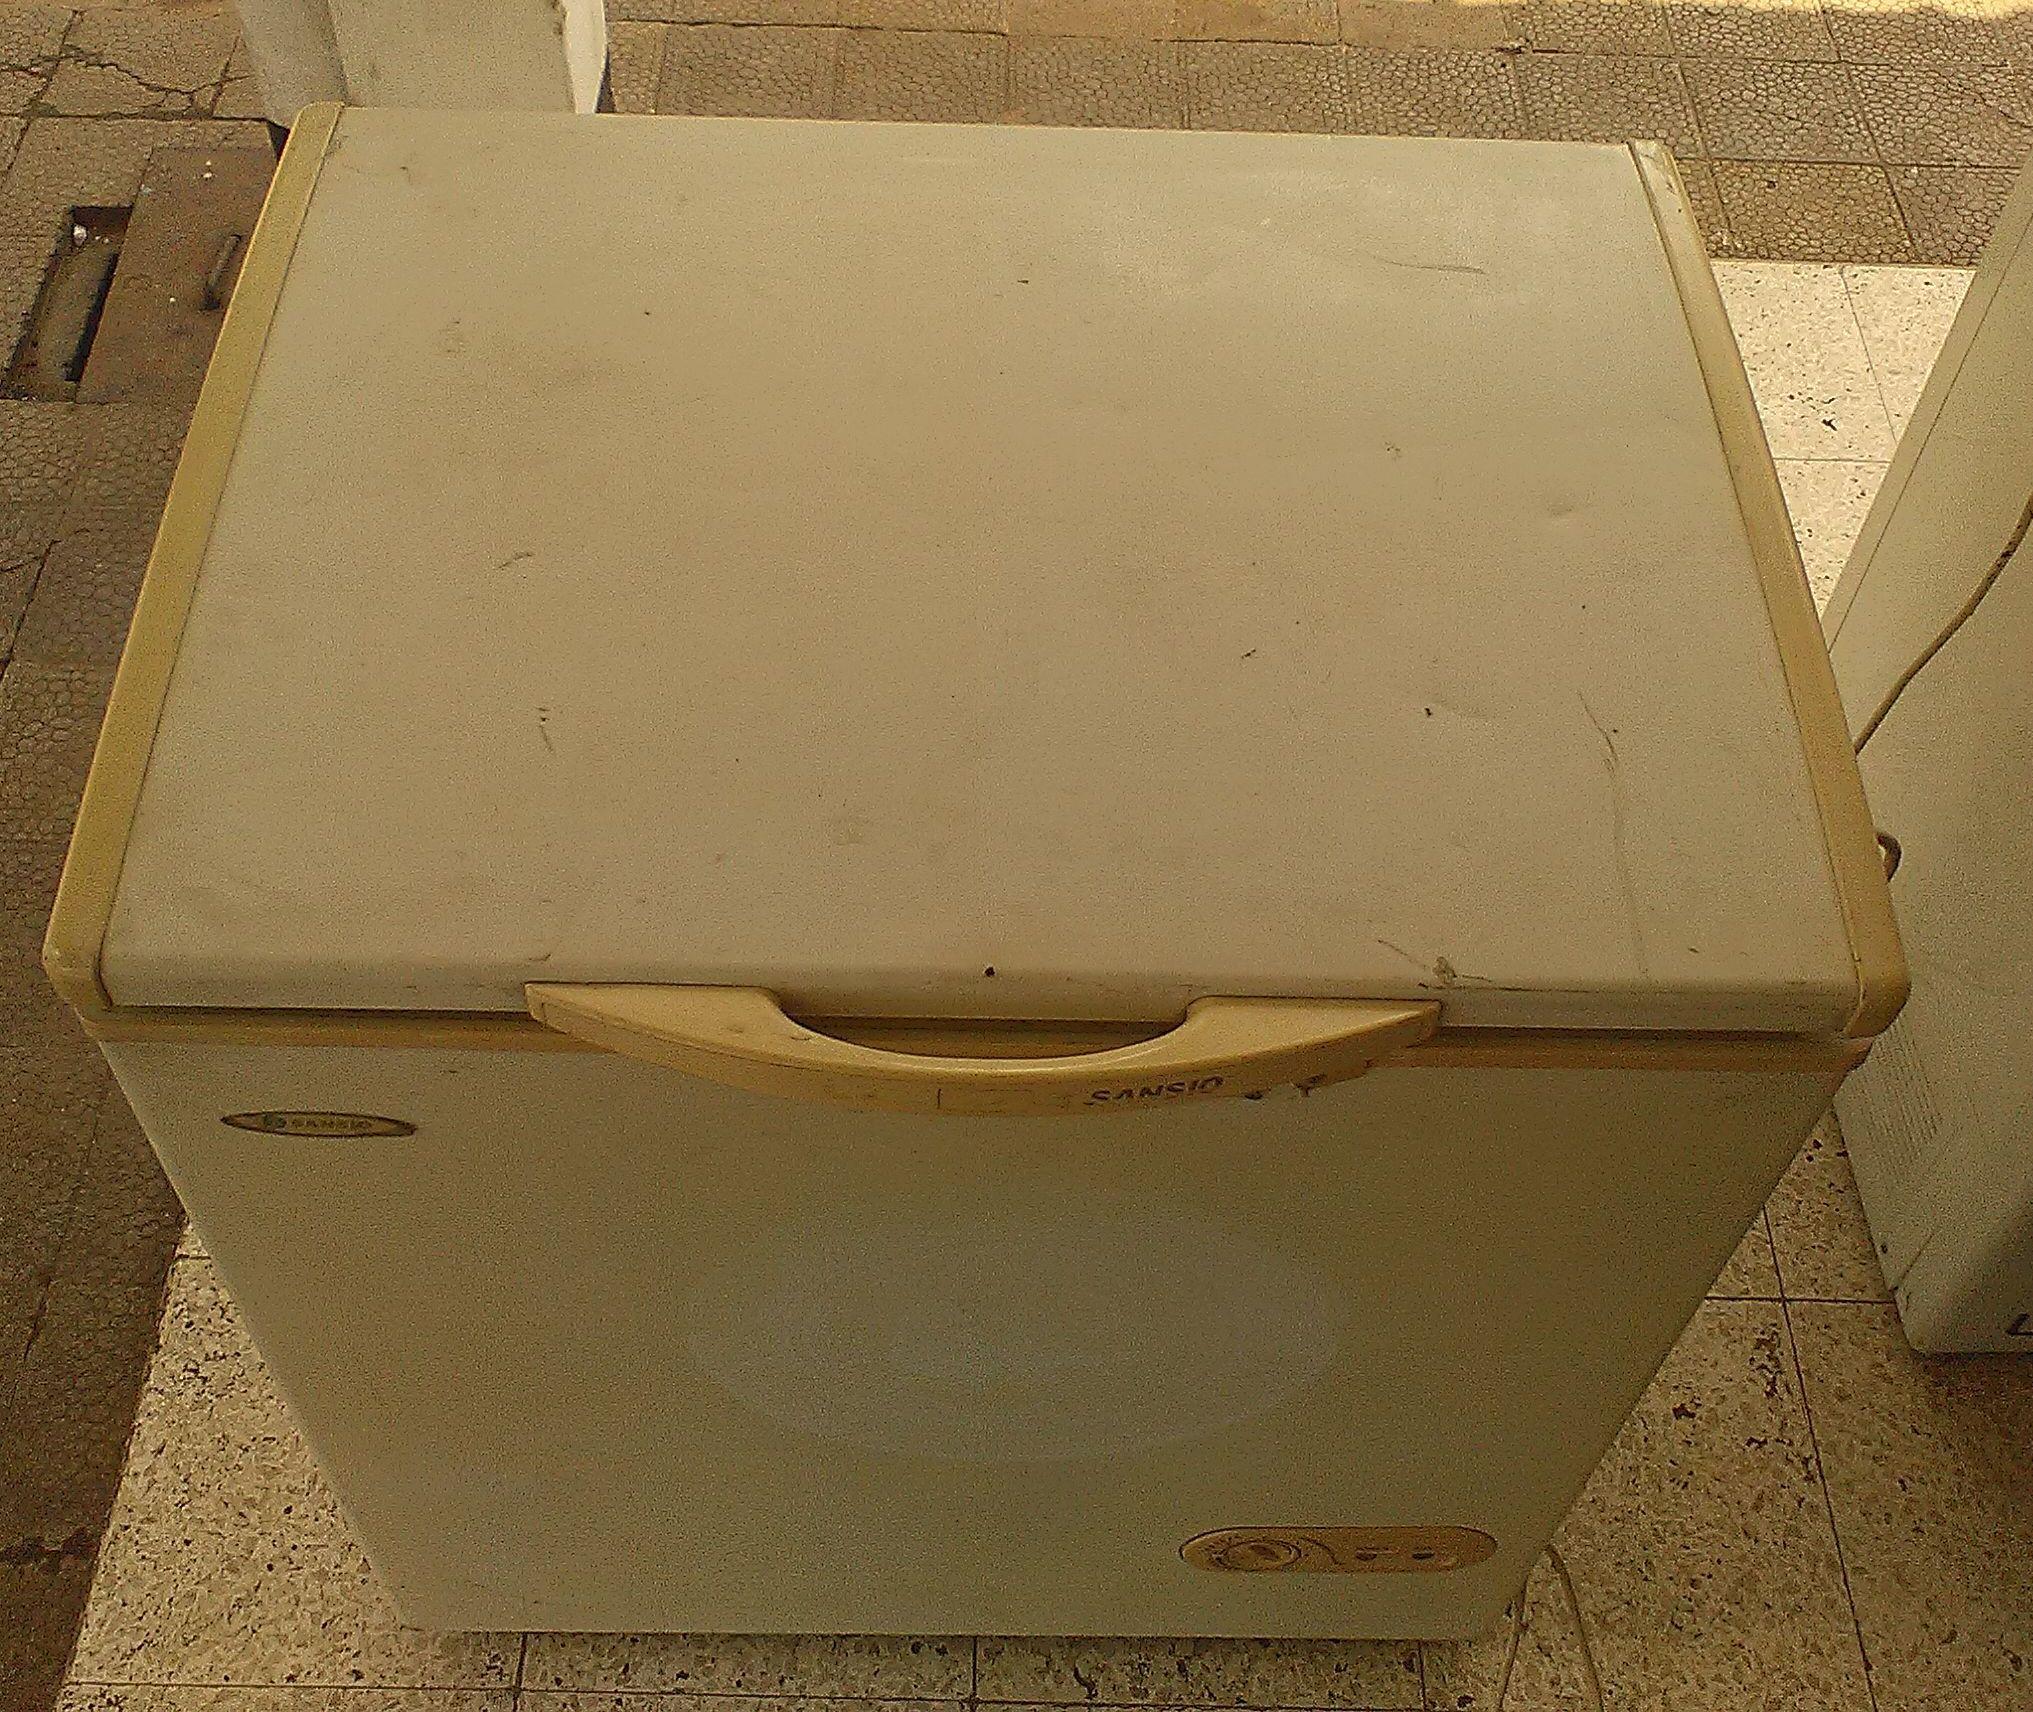 harga Freezer Box Sansio SAN-148f Tokopedia.com